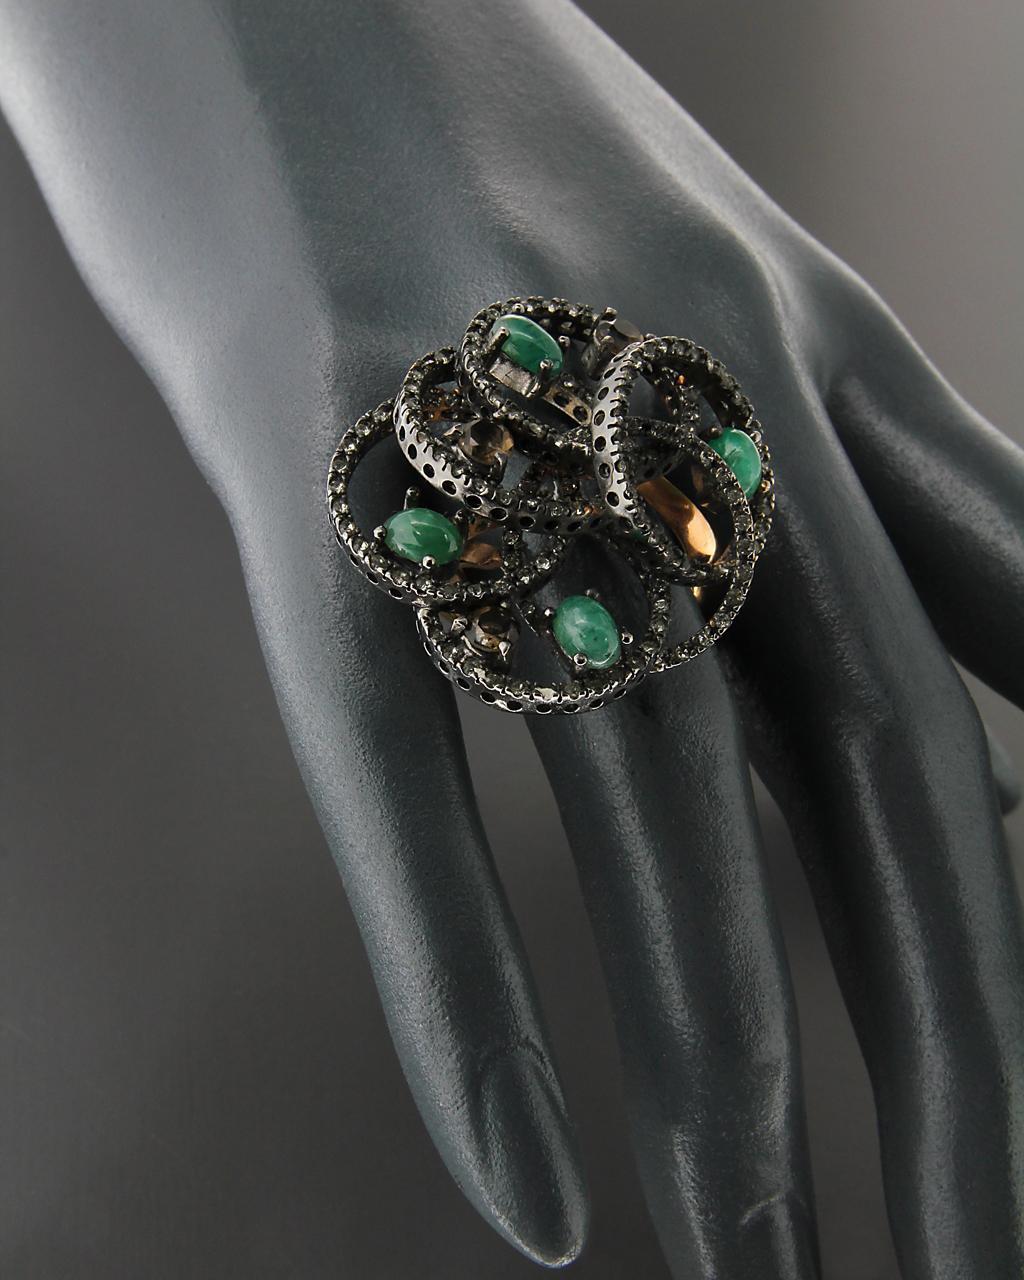 Δαχτυλίδι ασημένιο 925 με Τοπάζι, Ζαντ & Ζιργκόν   γυναικα δαχτυλίδια δαχτυλίδια ασημένια